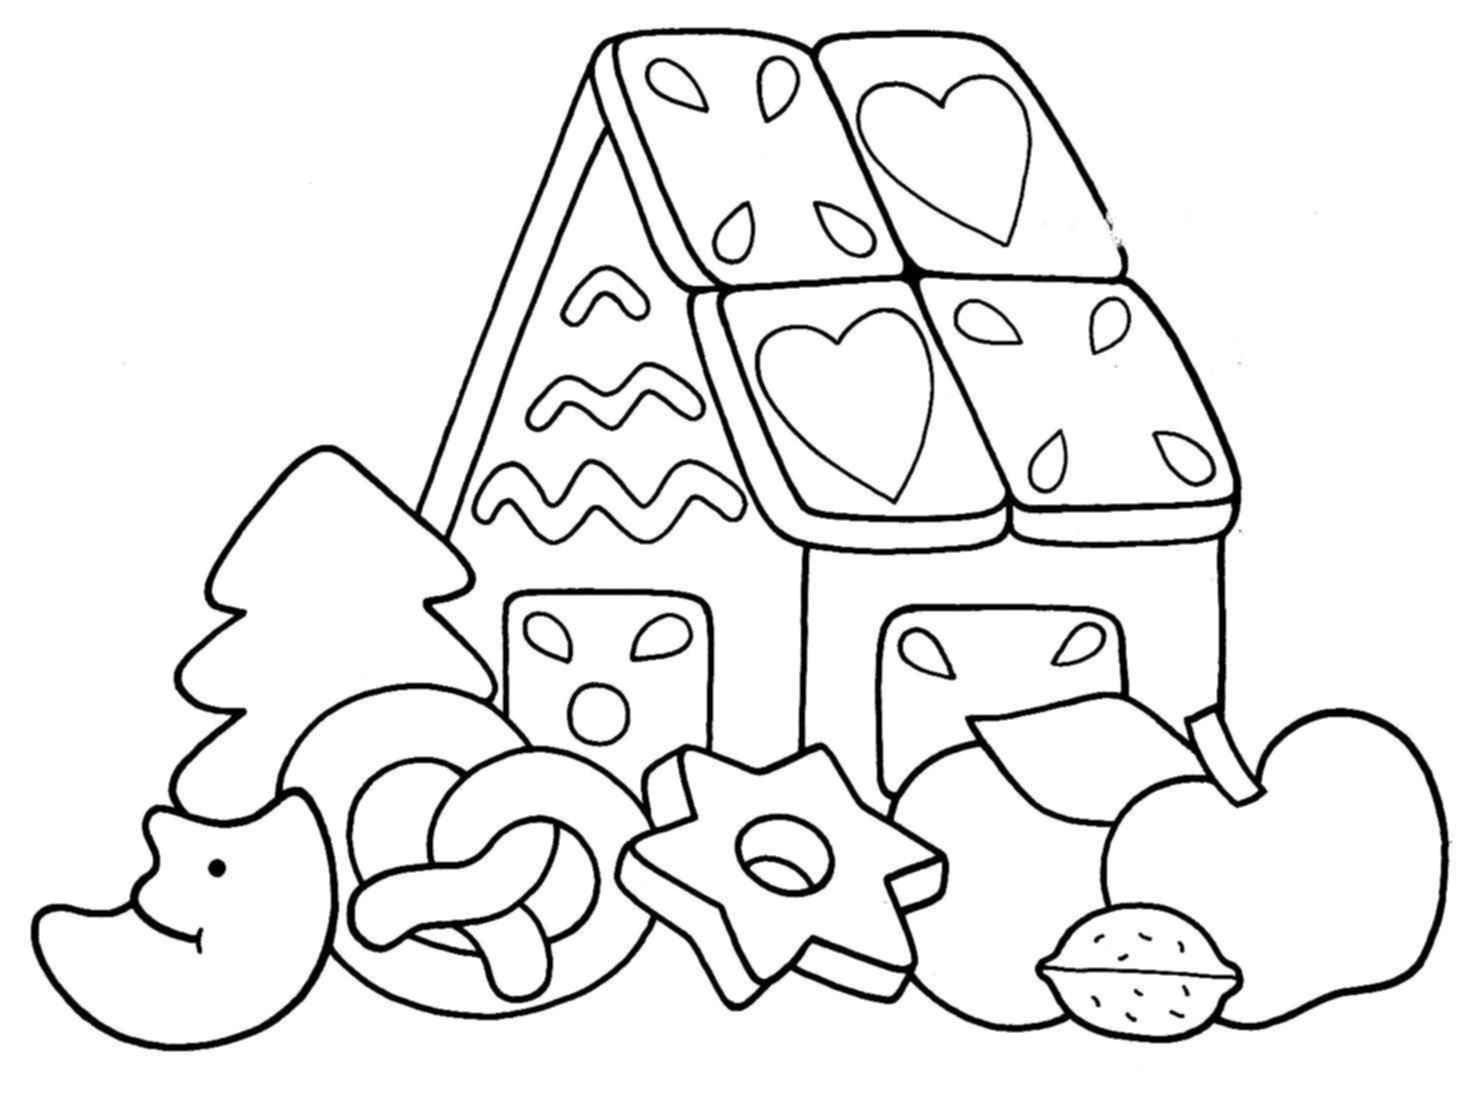 Ausmalbilder Weihnachten Merry Christmas Frisch Advent Und Weihnachten Im Kindergarten 45 Architektur Das Bild